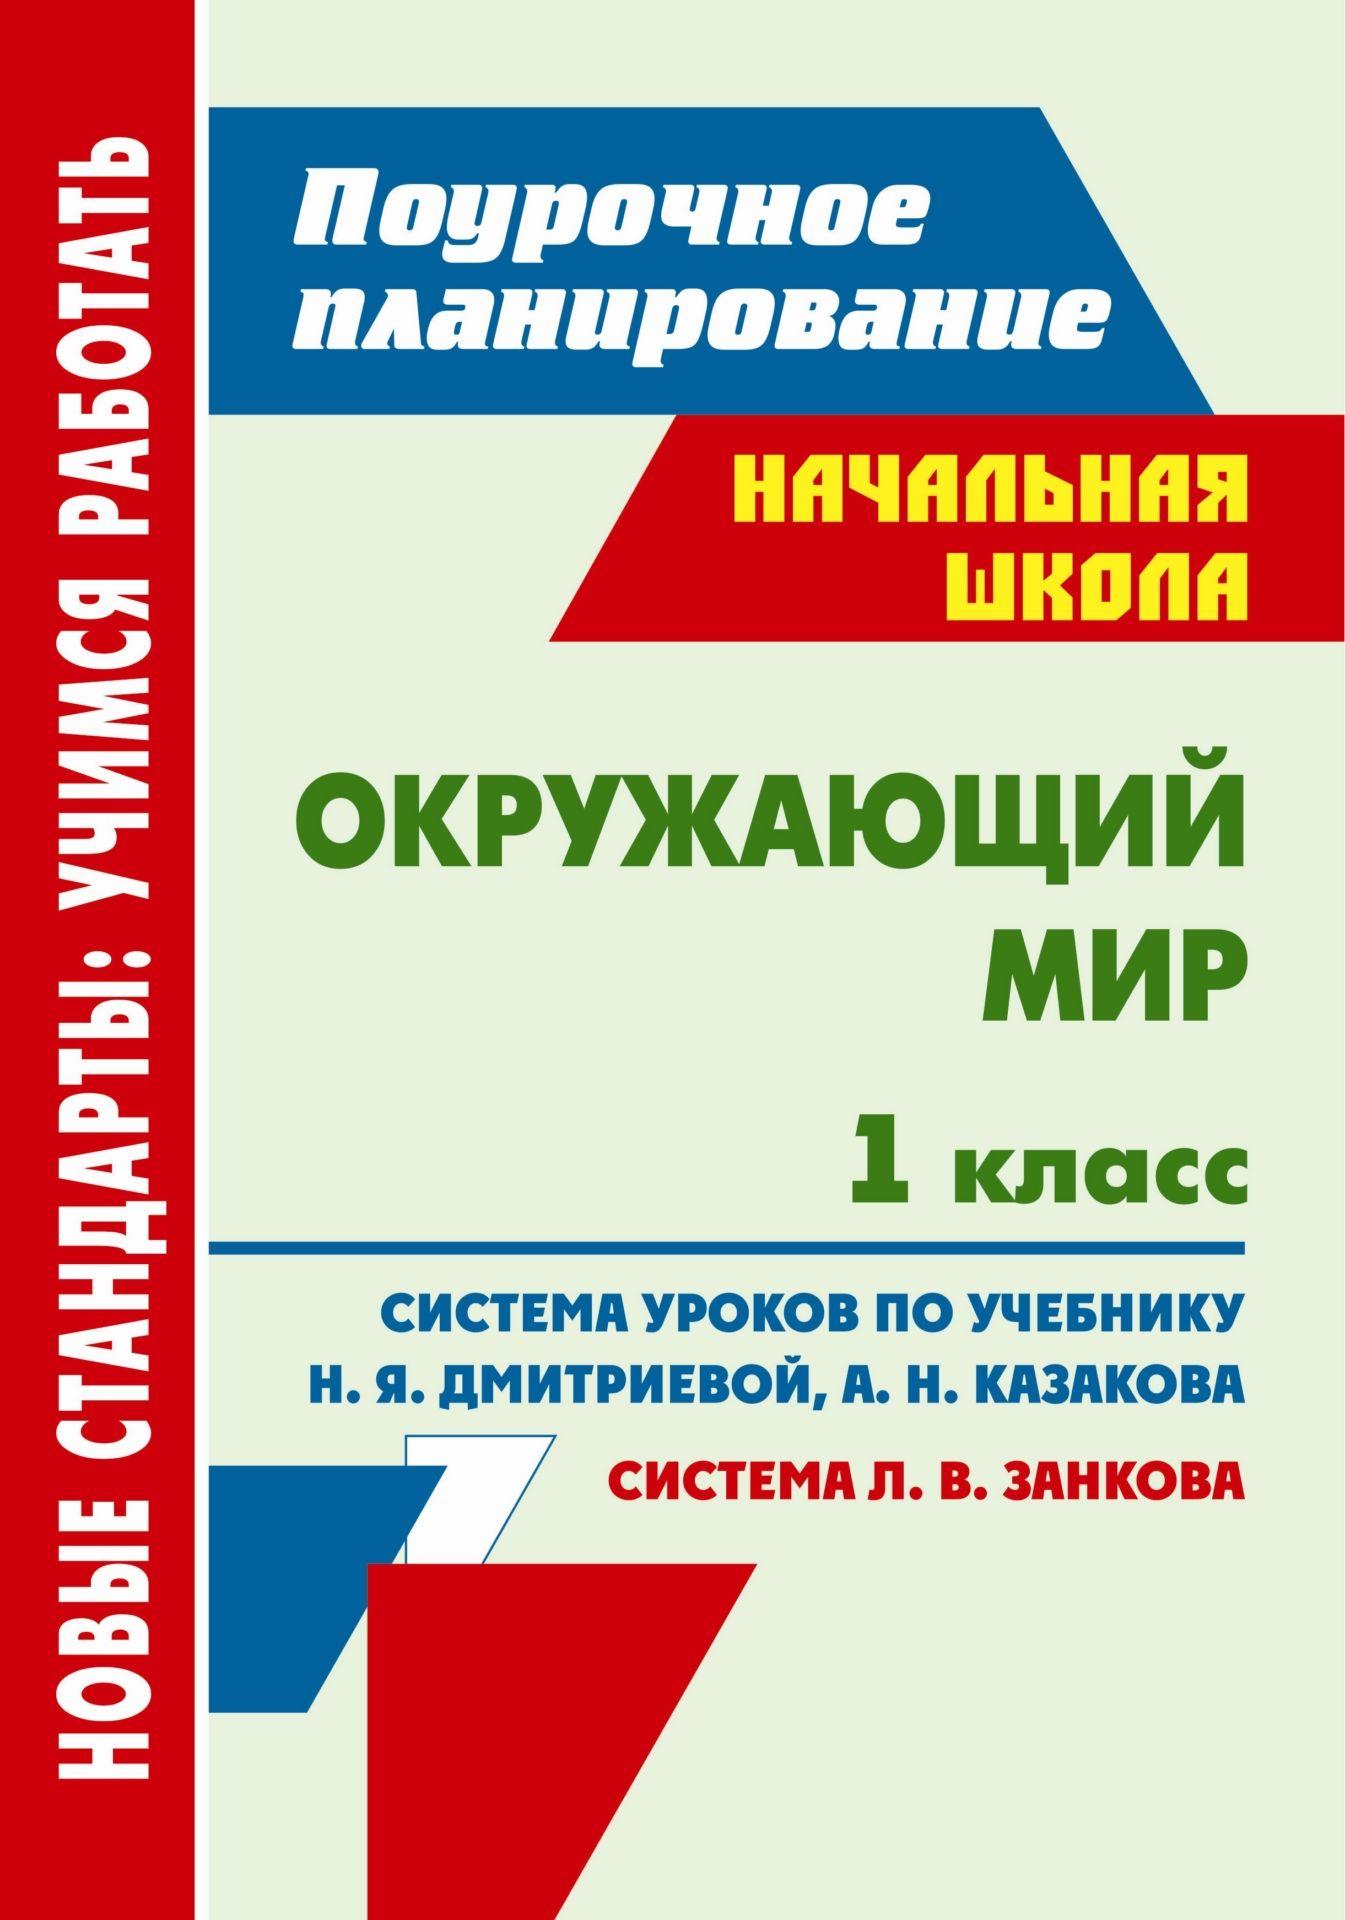 Окружающий мир. 1 класс: система уроков по учебнику Н. Я. Дмитриевой, А. Н. Казакова